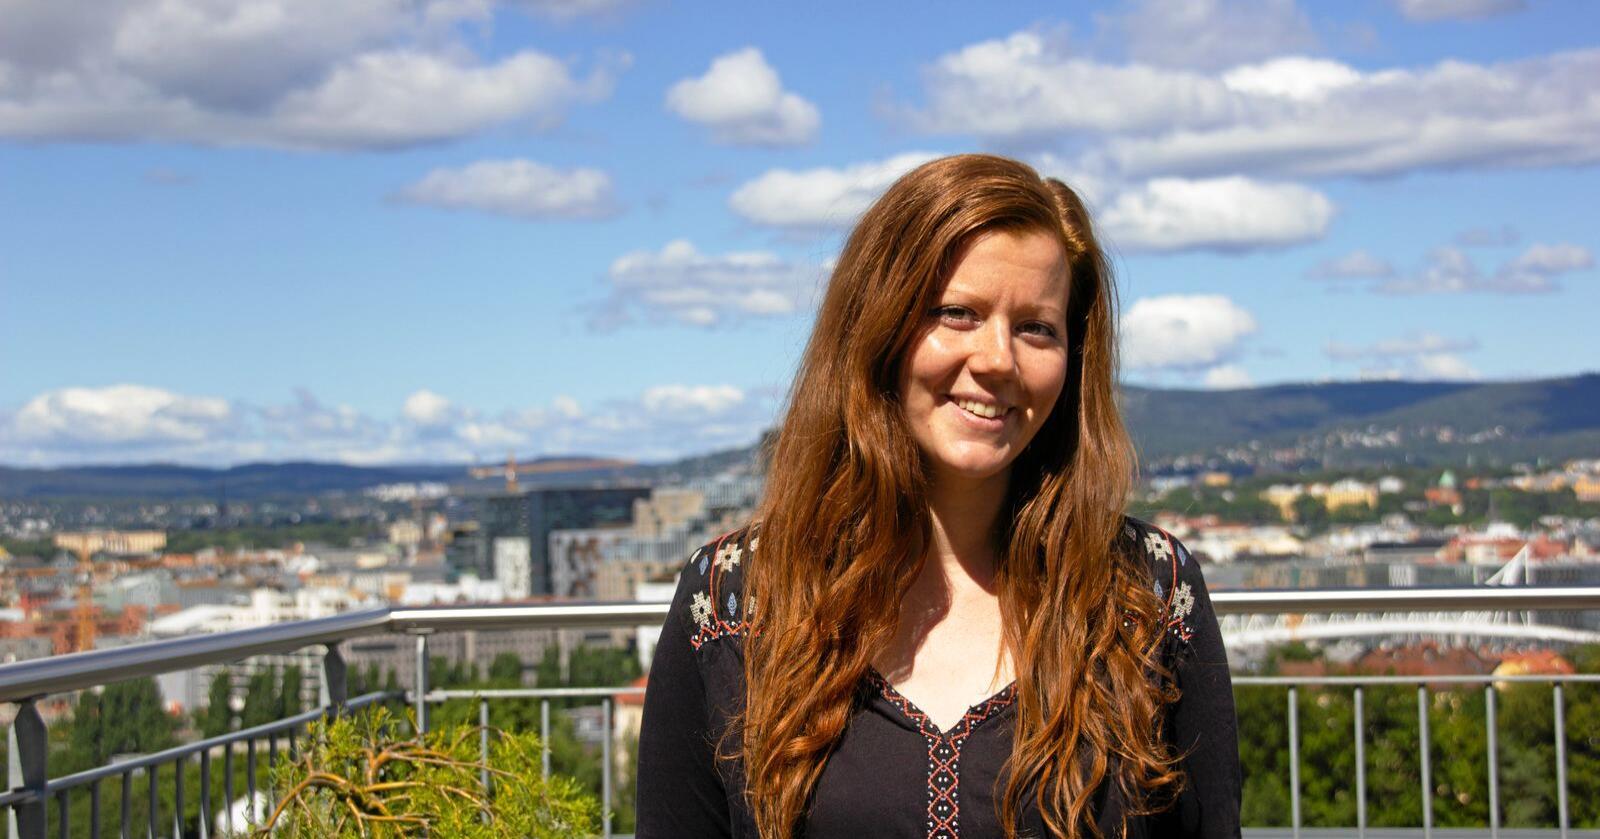 Norun Haugen stoler ikke på at Mattilsynets inspektører i slakteriene holder nødvendig avstand til de ansatte, og dermed kan komme i en dobbeltrolle. Foto: Vilma Taubo